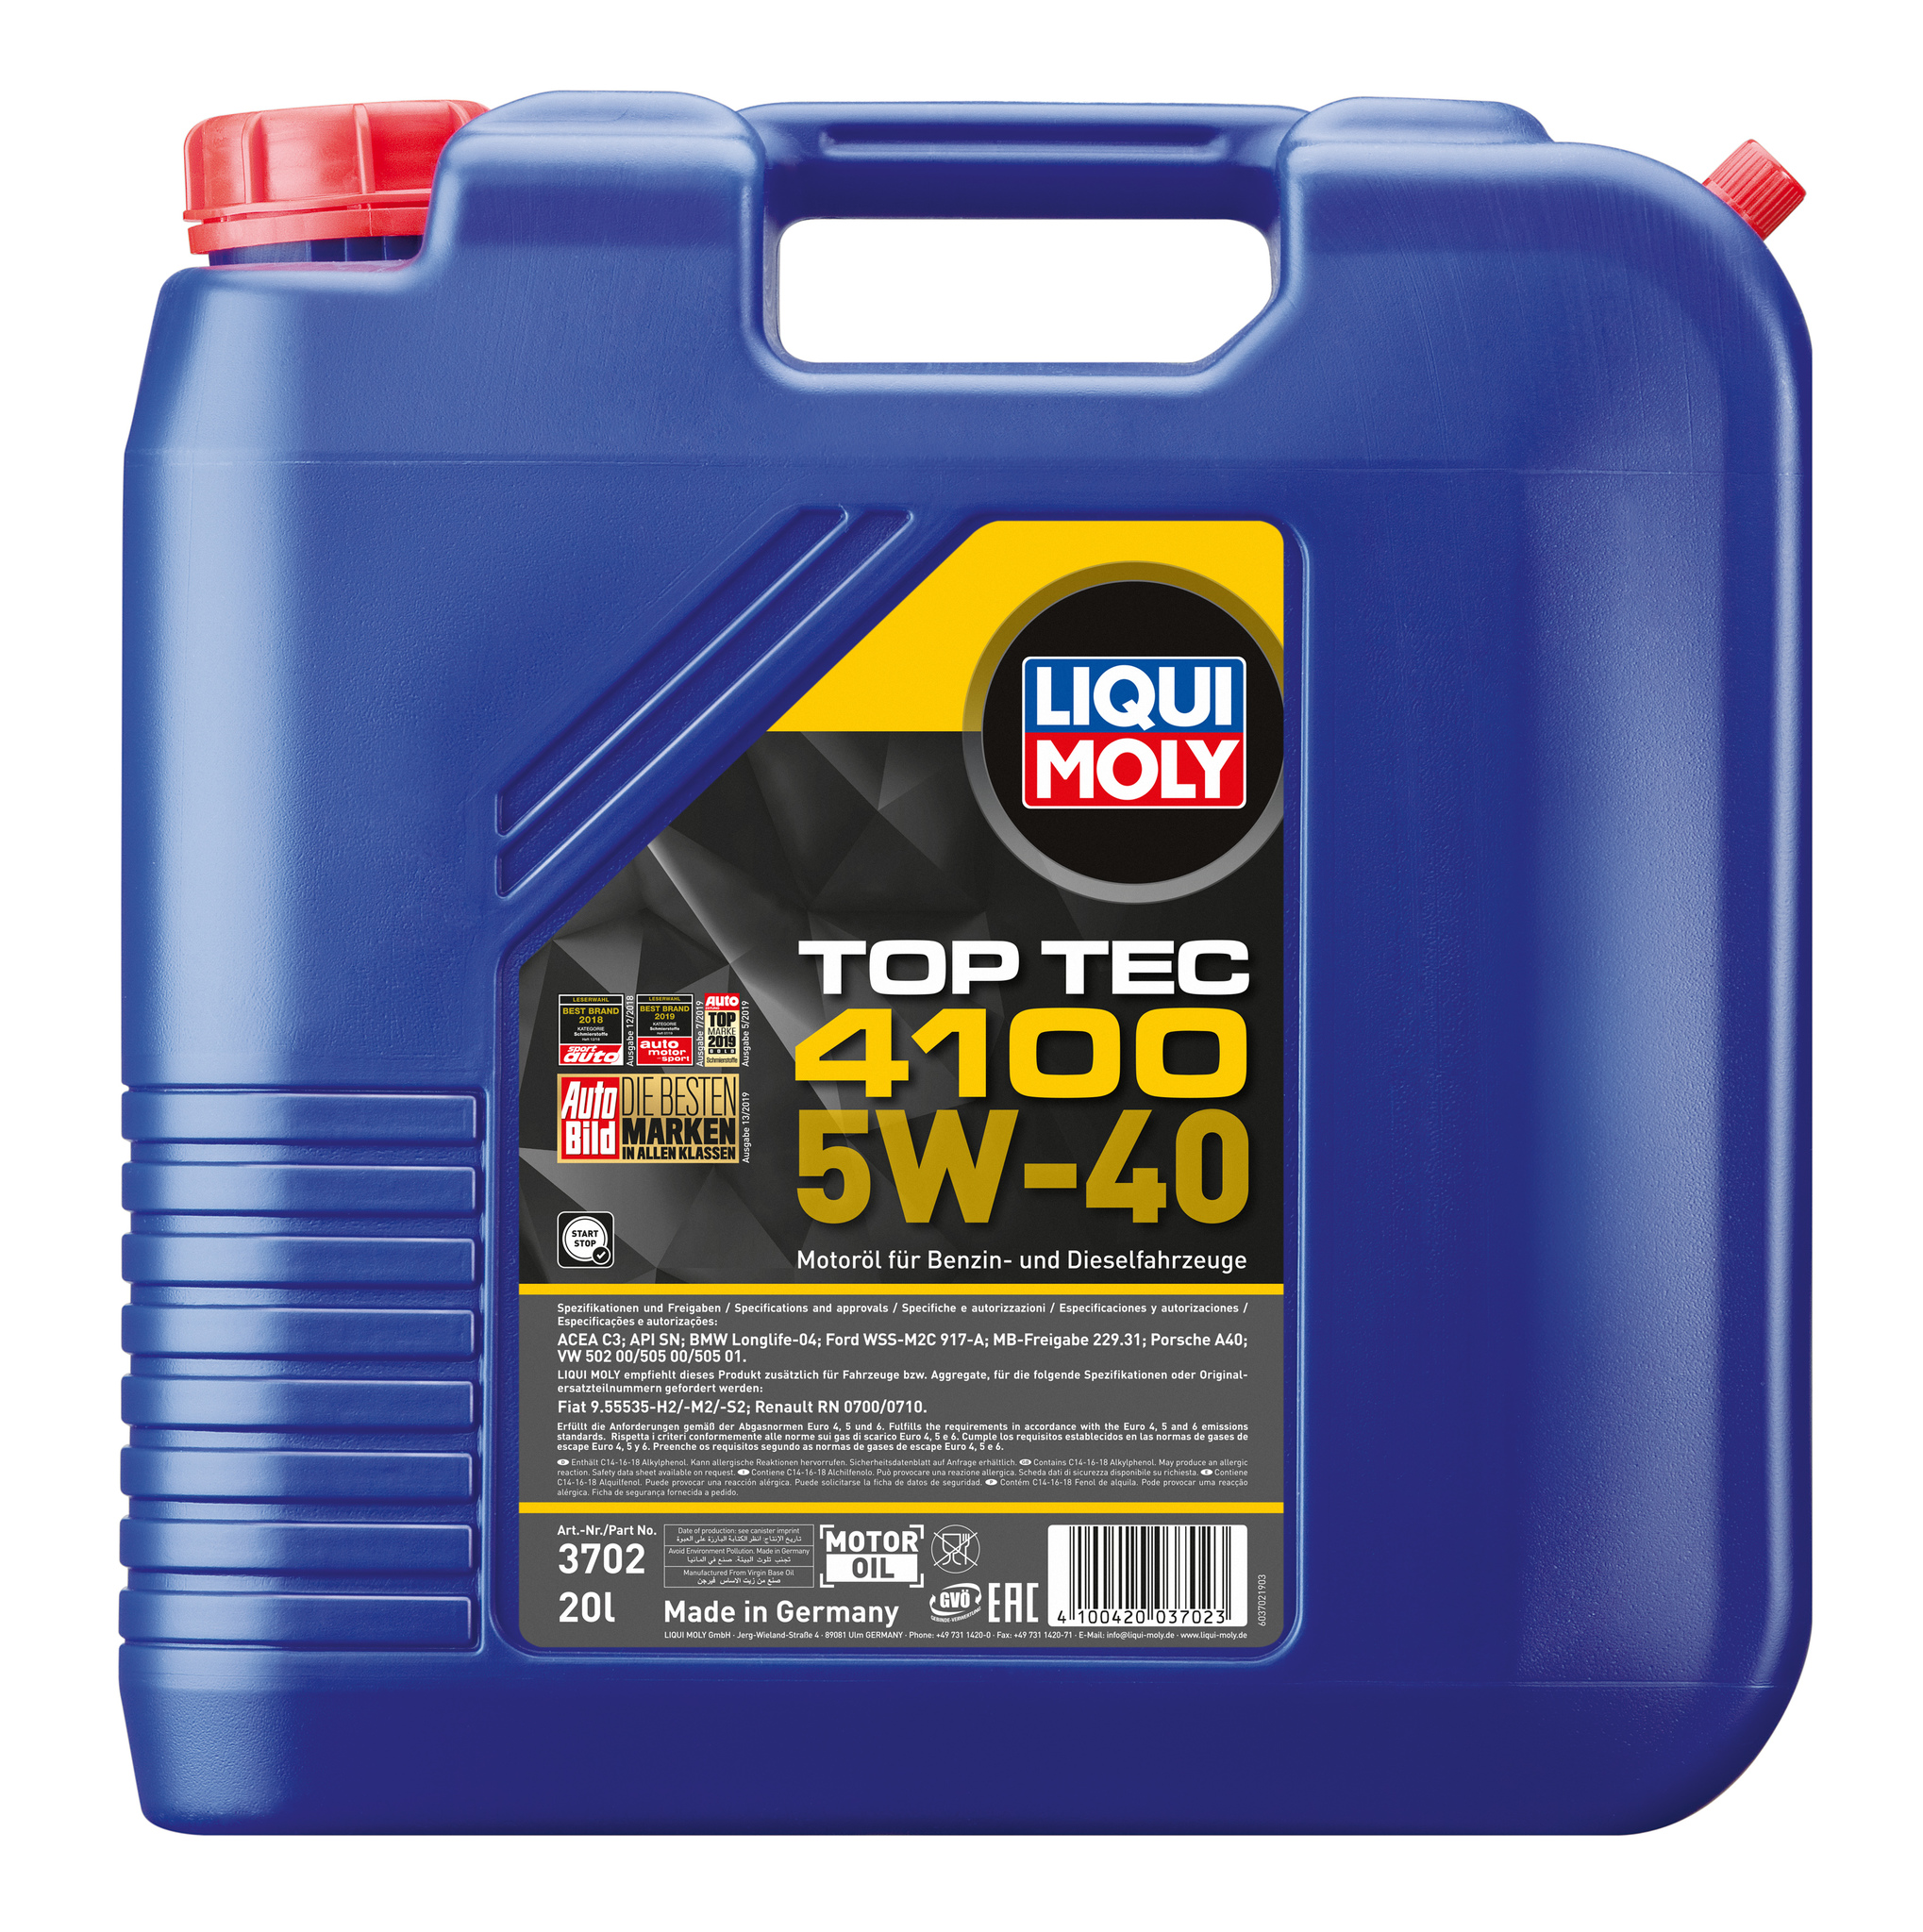 Liqui Moly масло моторное Top Tec 4100 5W40 для двигателя канистра 20 л.